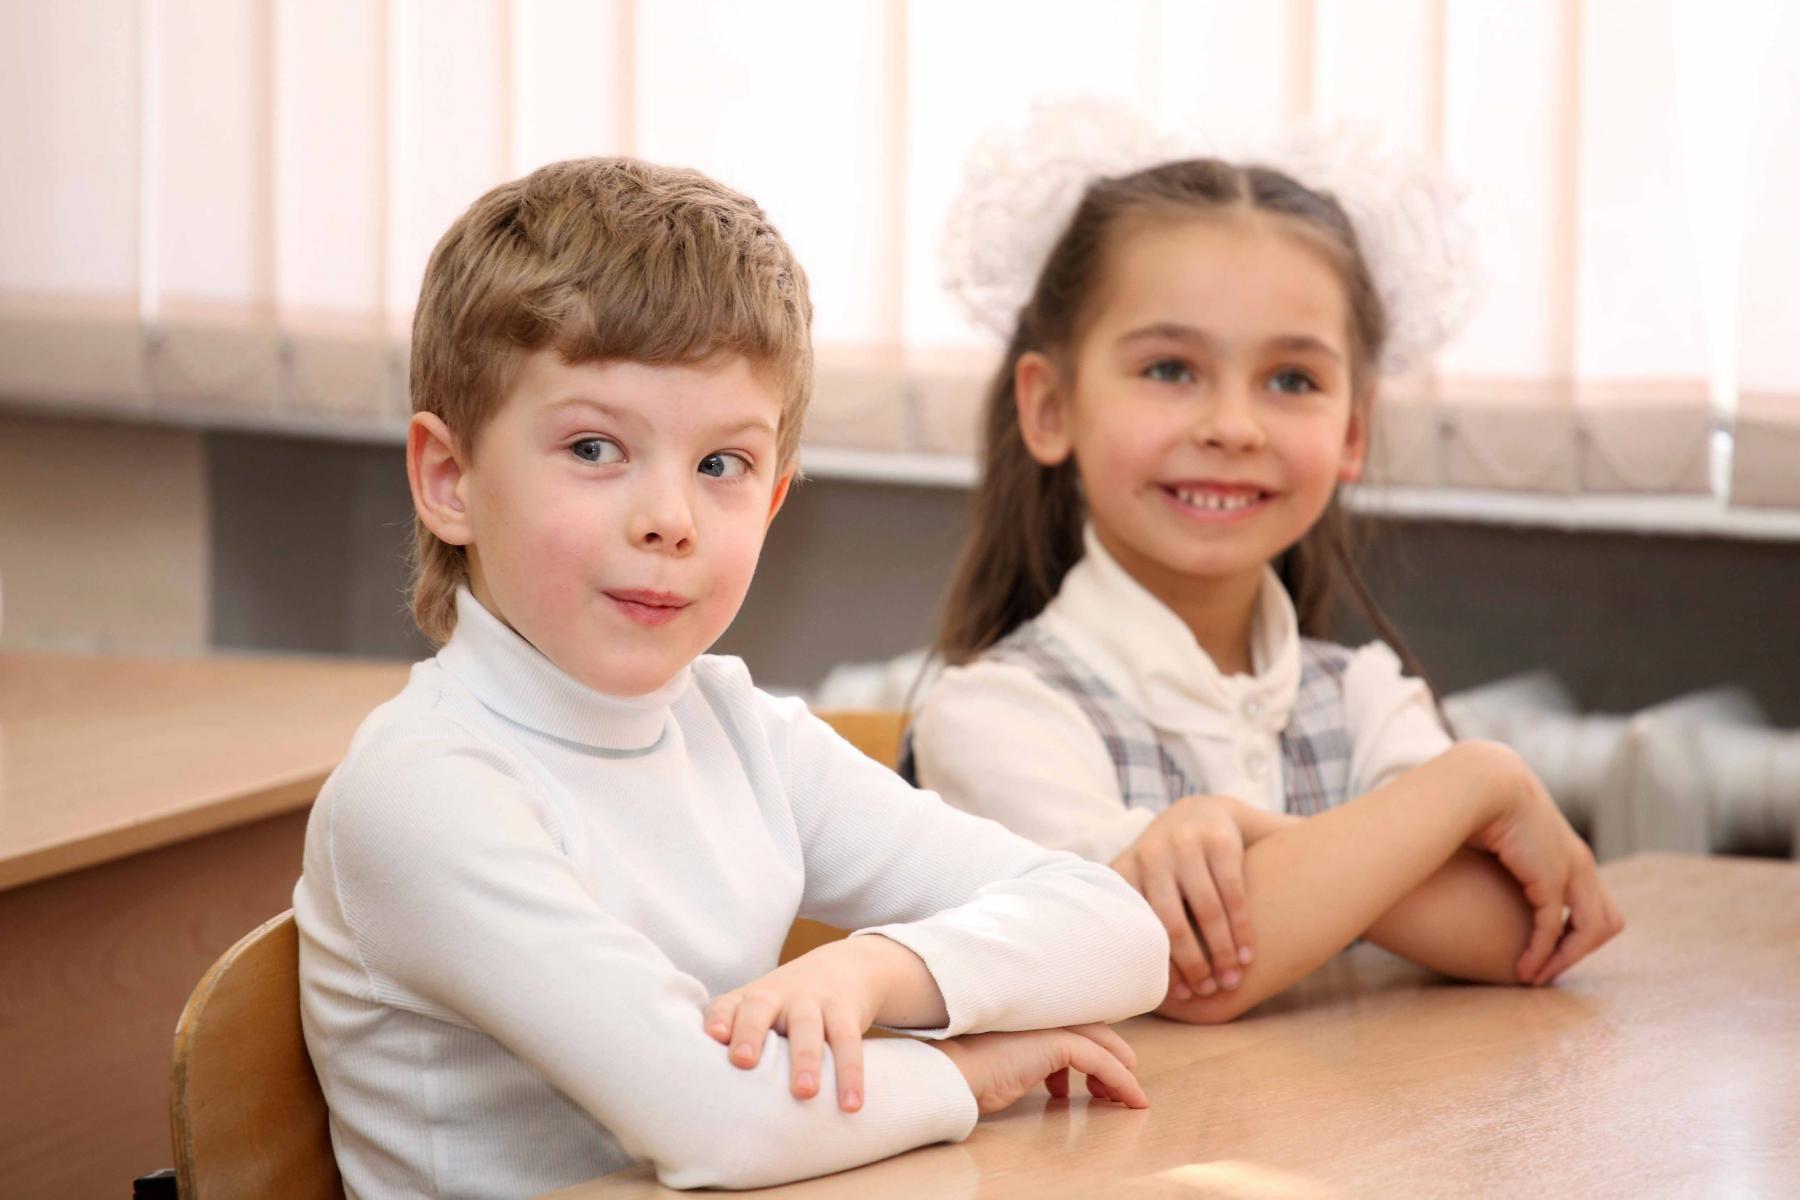 Сколиоз и другие заболевания позвоночника у ребенка. Как избежать?